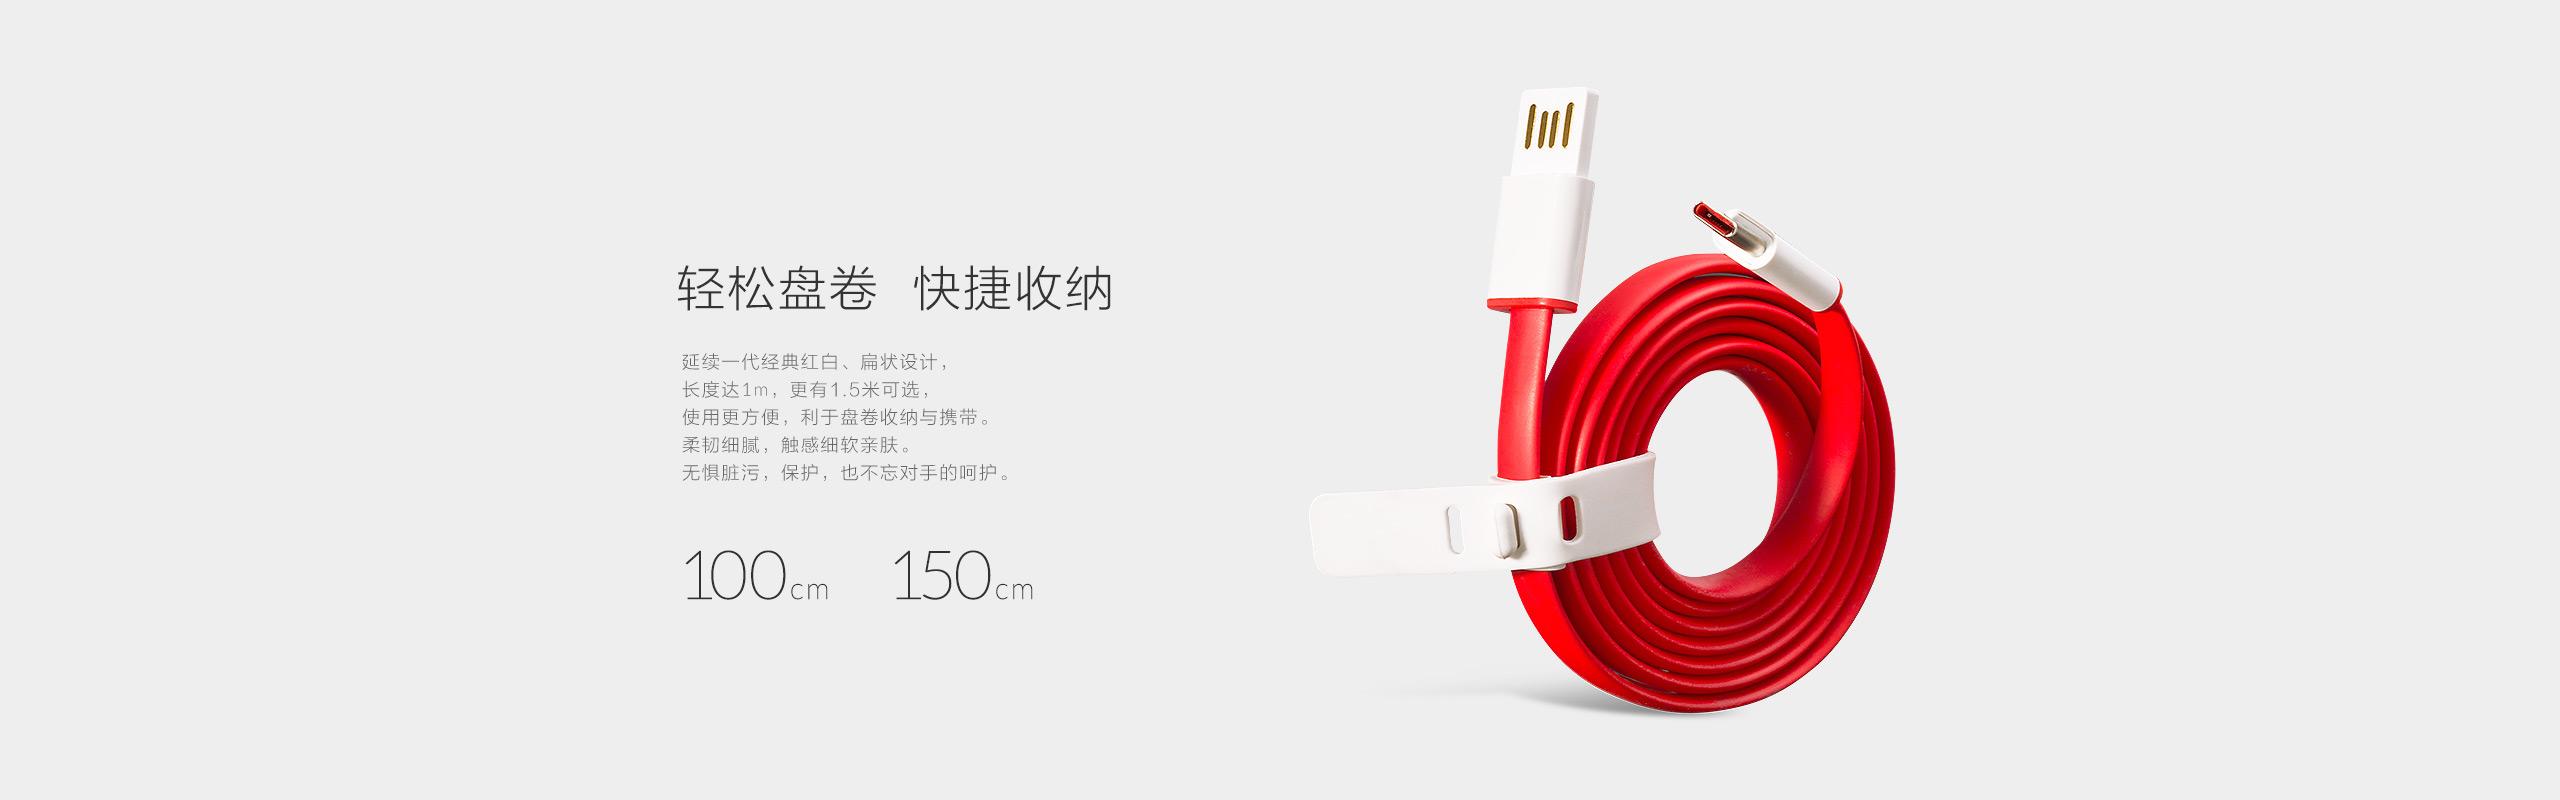 一加手机2 USB Type-C数据扁线1.0m11